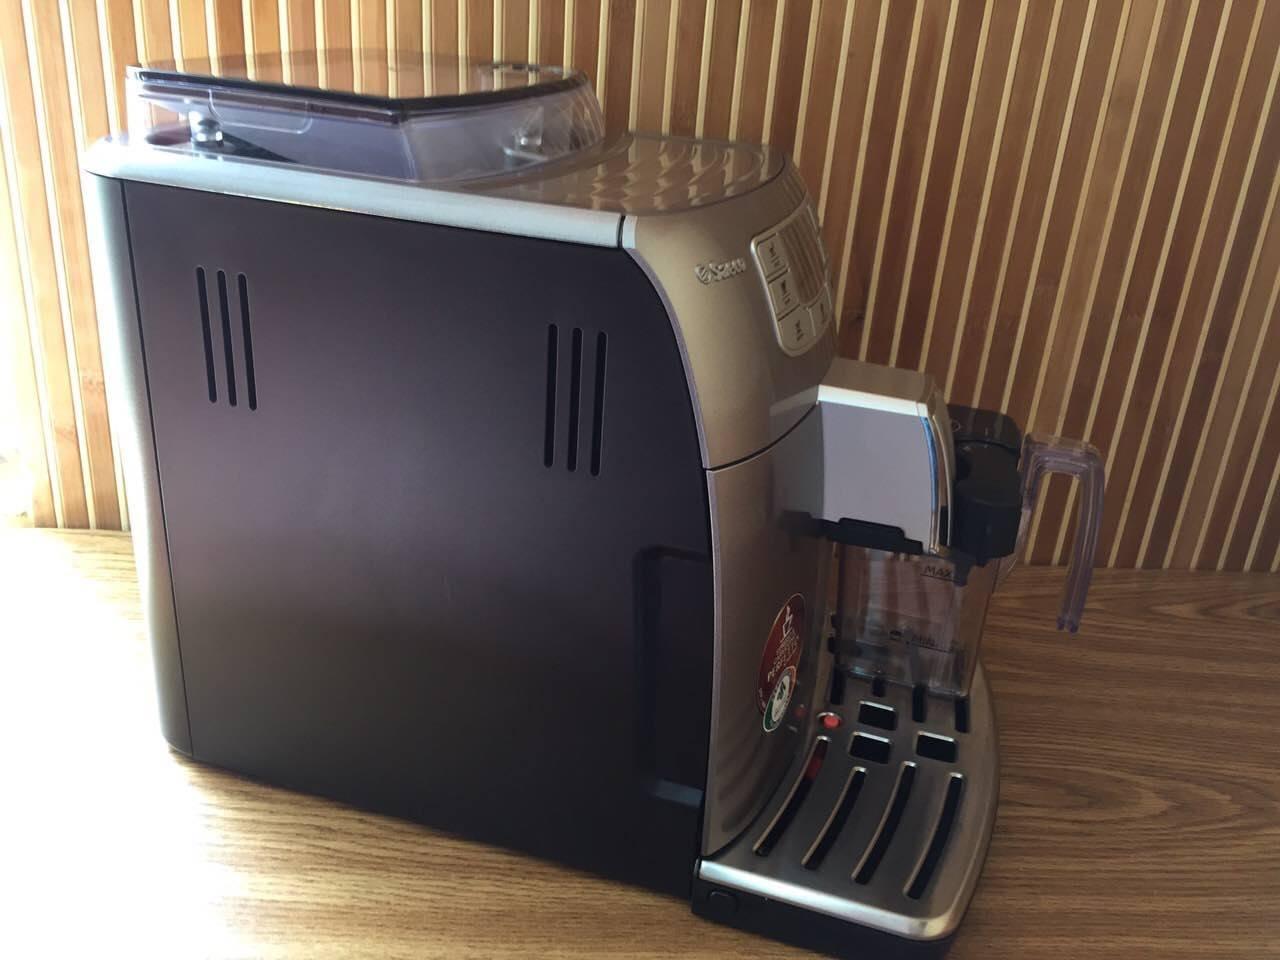 Ця модель кавоварок відрізняється справжньою італійською якістю та стилем. Вона також майже безшумна порівняно з іншими подібними кавоварками. Це її основний плюс, але далеко не єдиний.